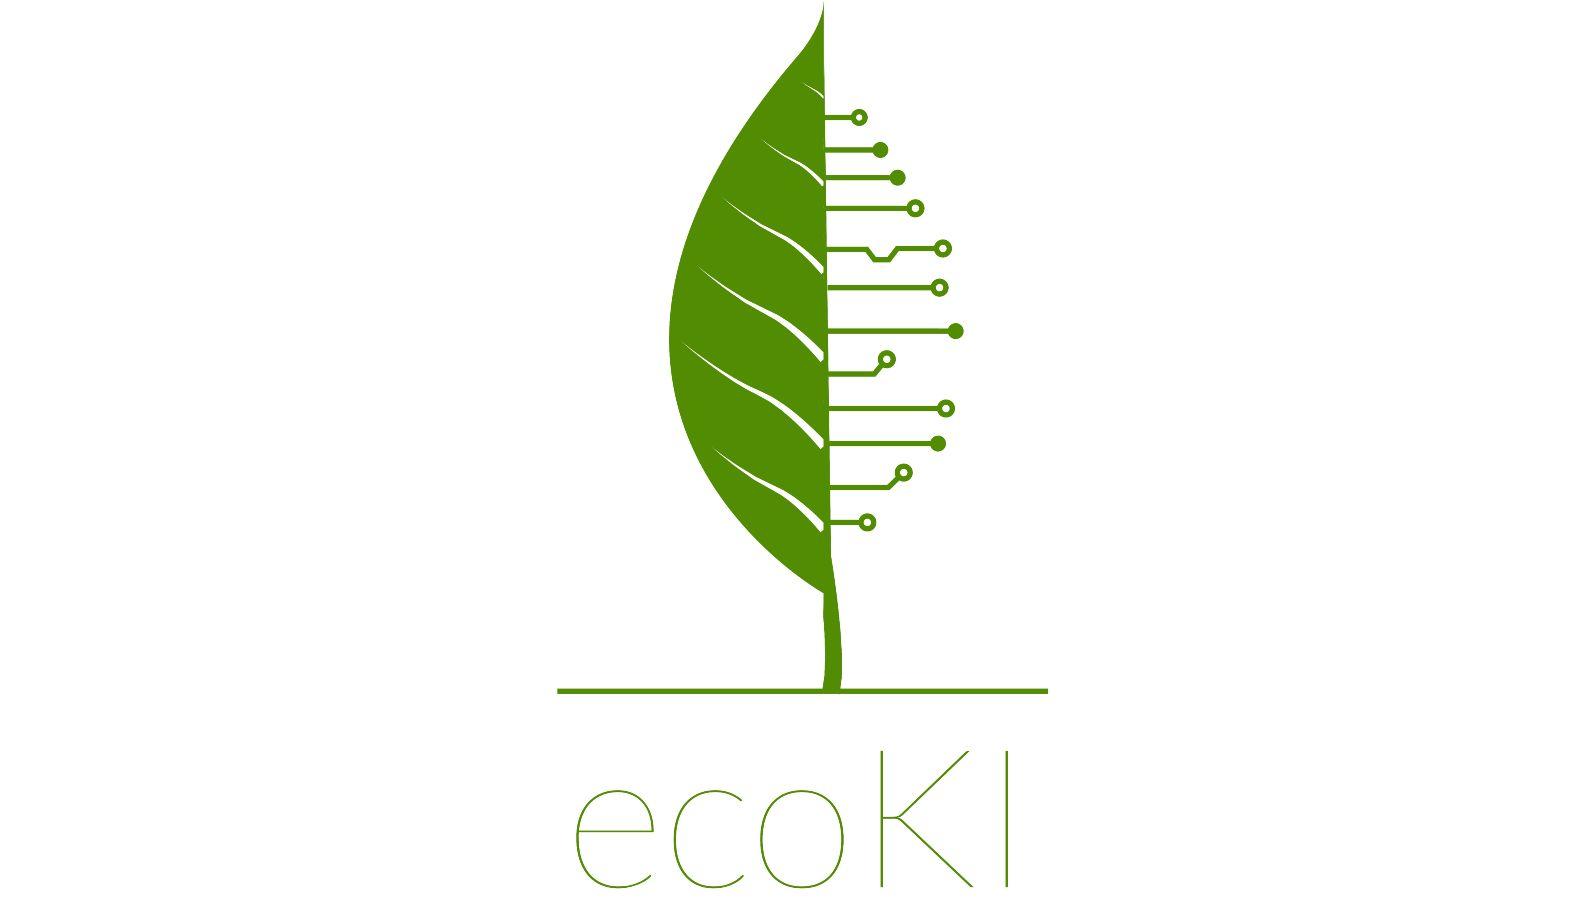 Logo von ecoKI: hellgrünes Bäumchen und Symbole der Datenvernetzung auf weißem Hintergrund